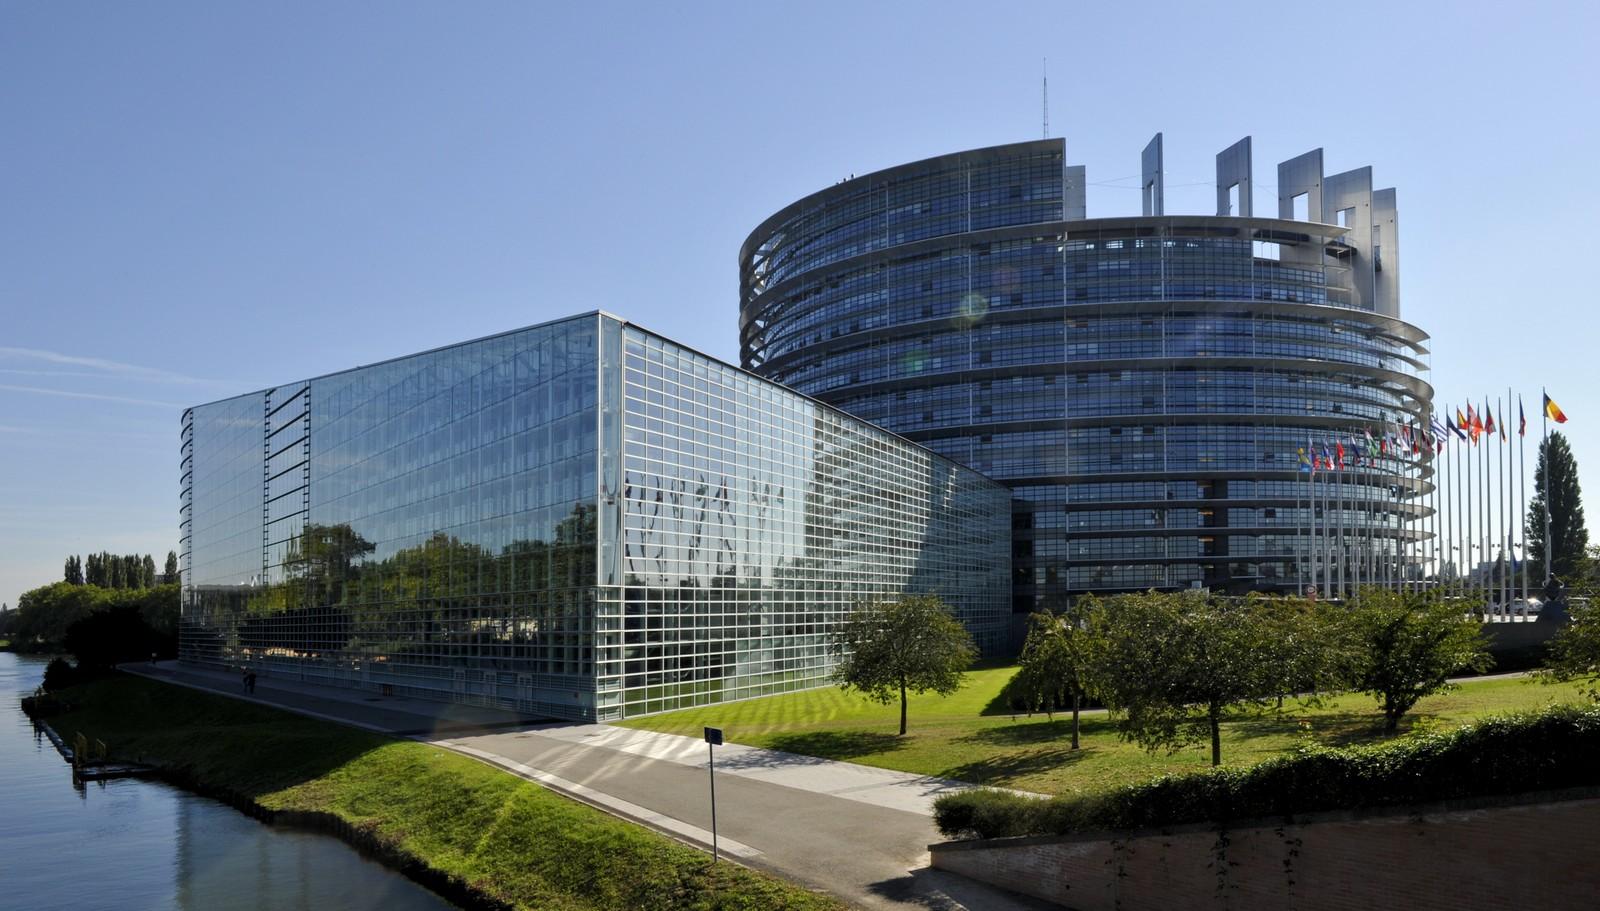 Cómo nos Estamos Despertando del Sueño Mariano que gestó la Unión Europea